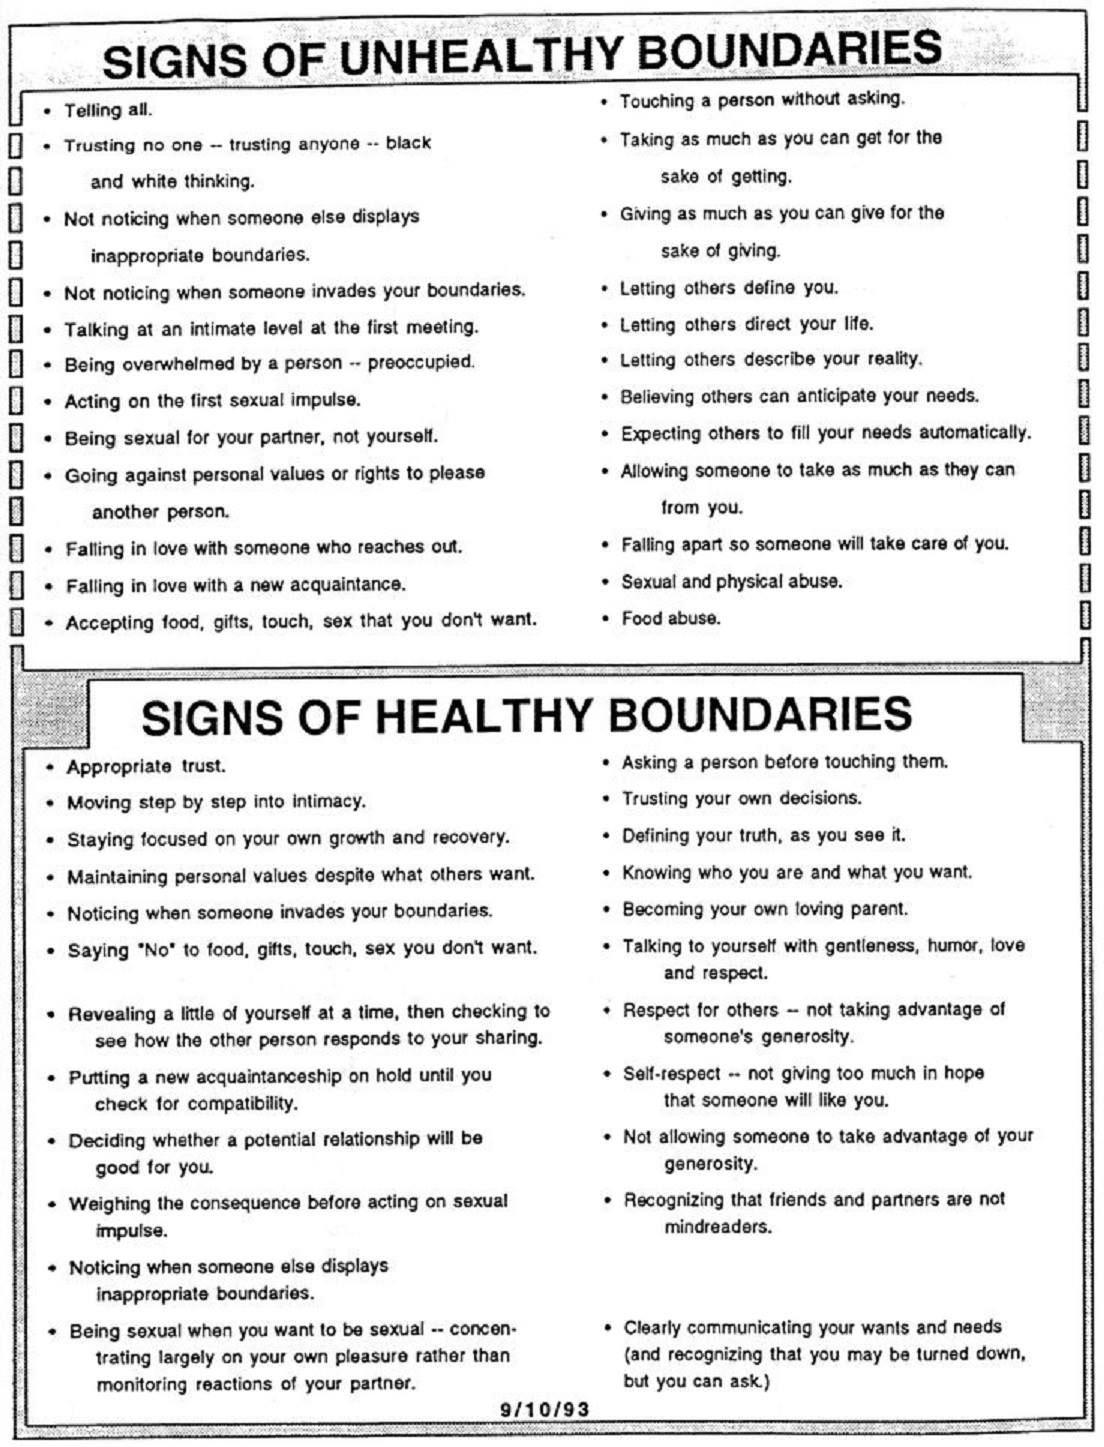 Unhealthy Vs Healthy Boundaries